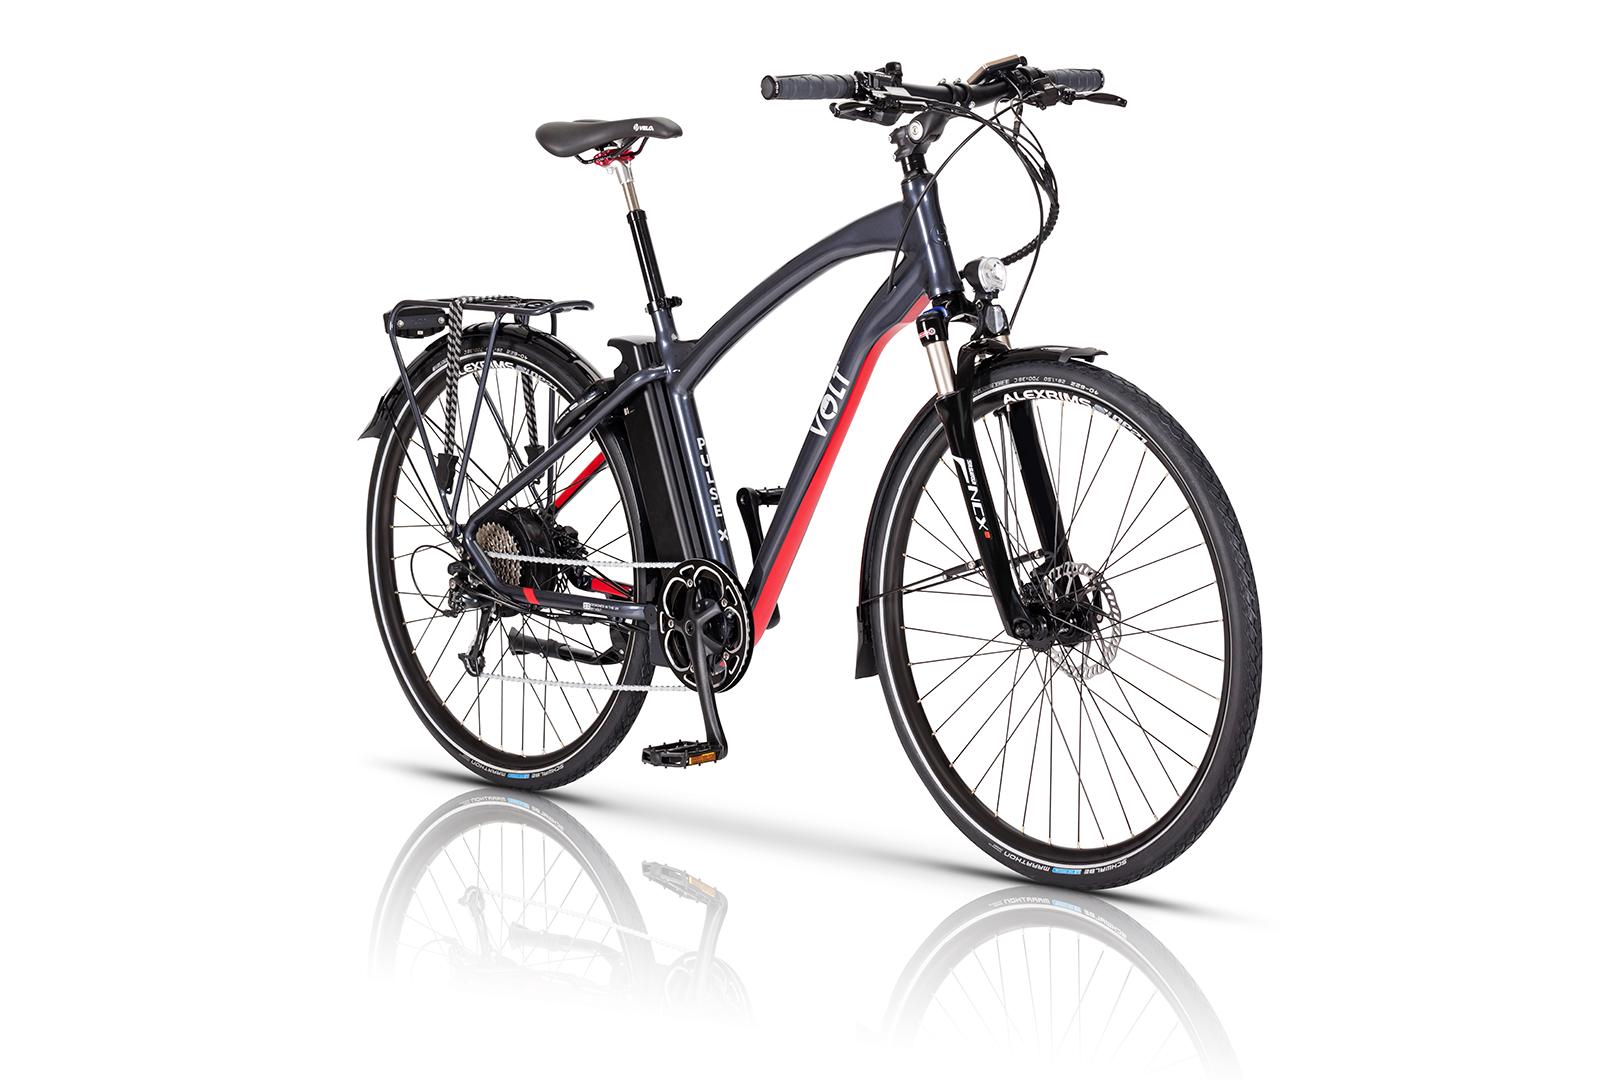 volt pulse x hybrid electric bike. Black Bedroom Furniture Sets. Home Design Ideas